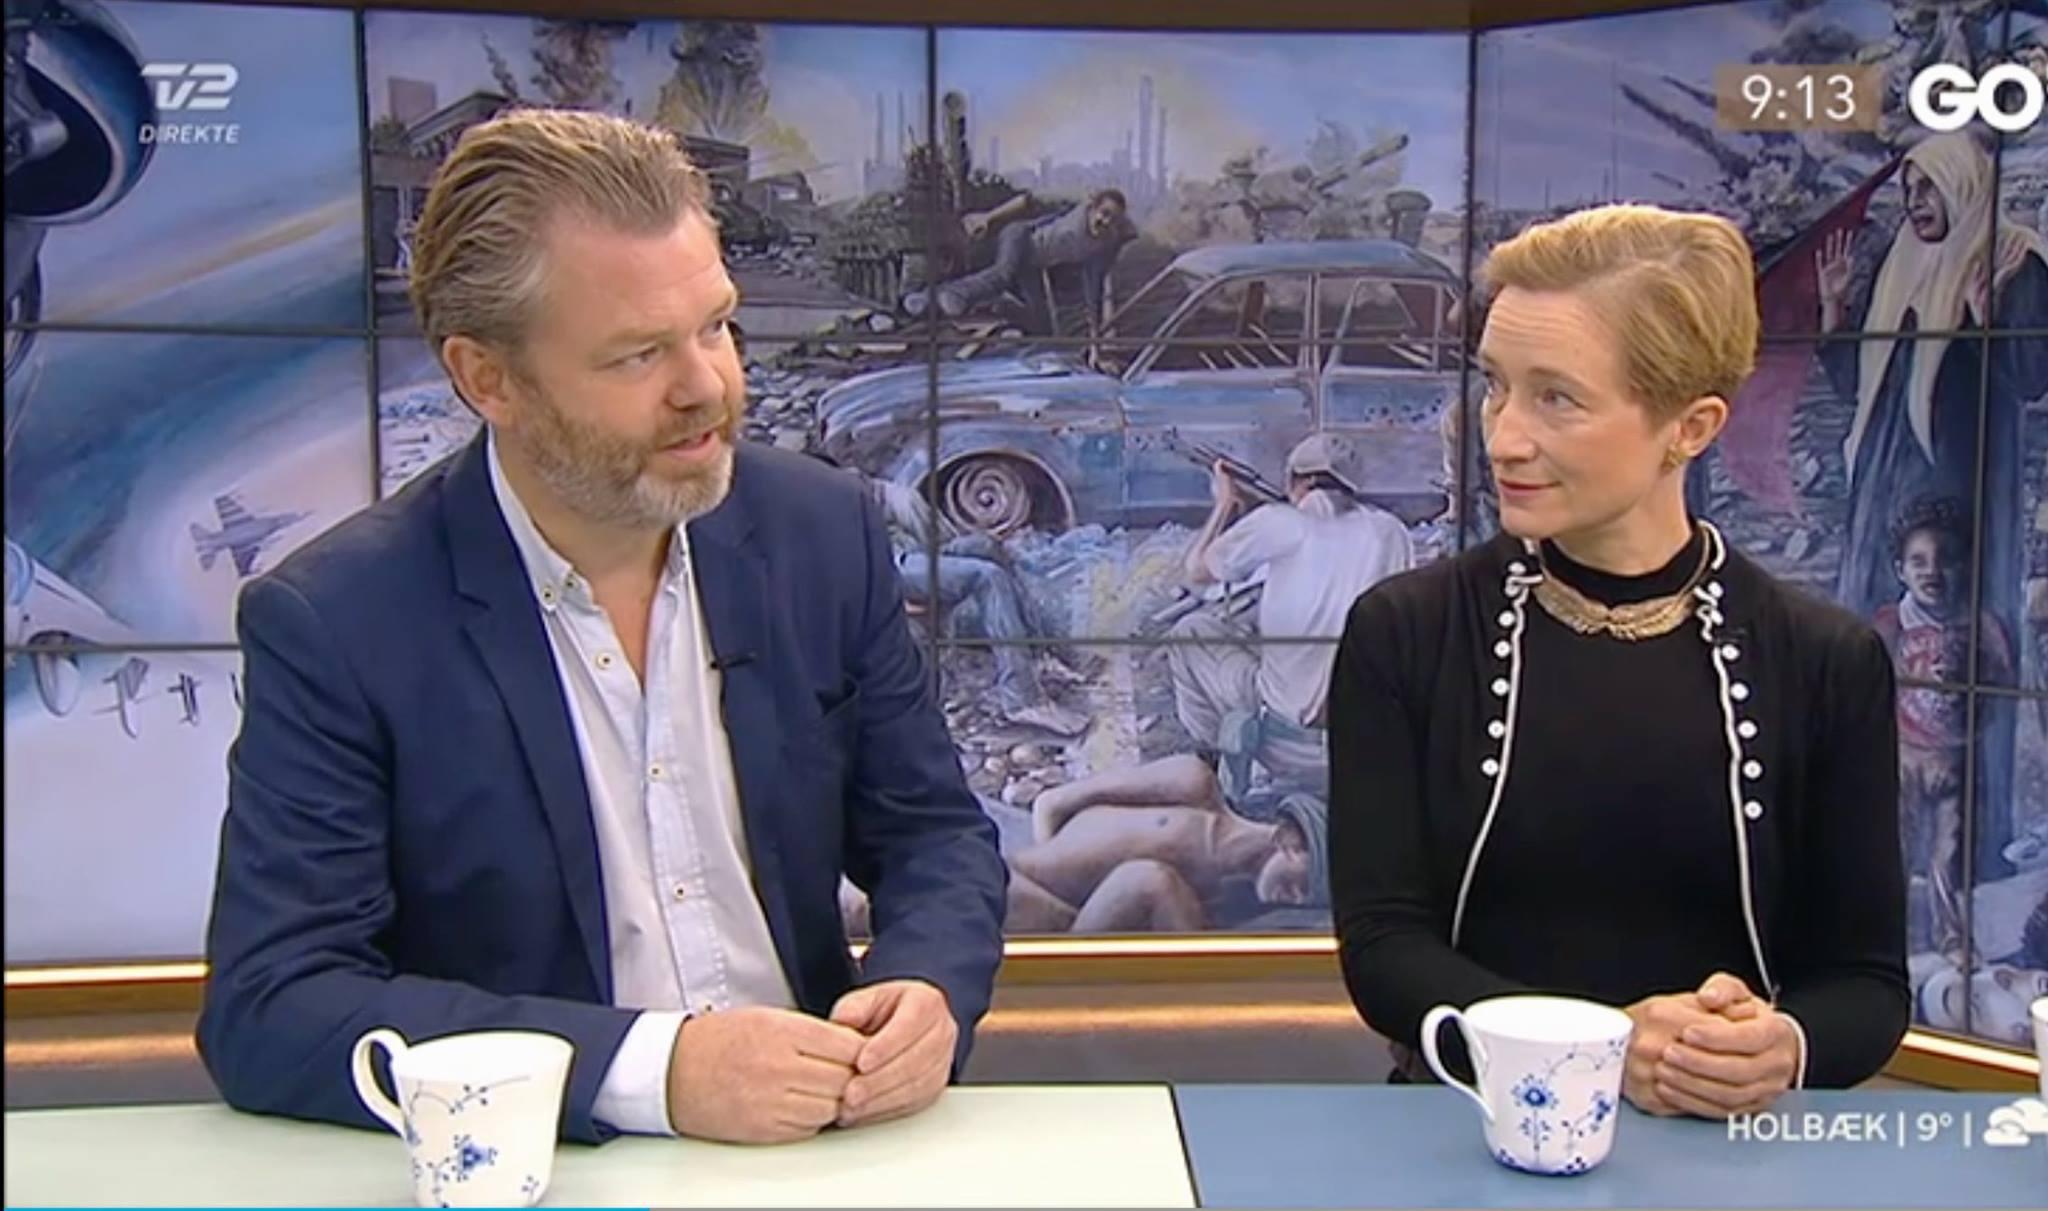 tv2 Go-morgen Danmark